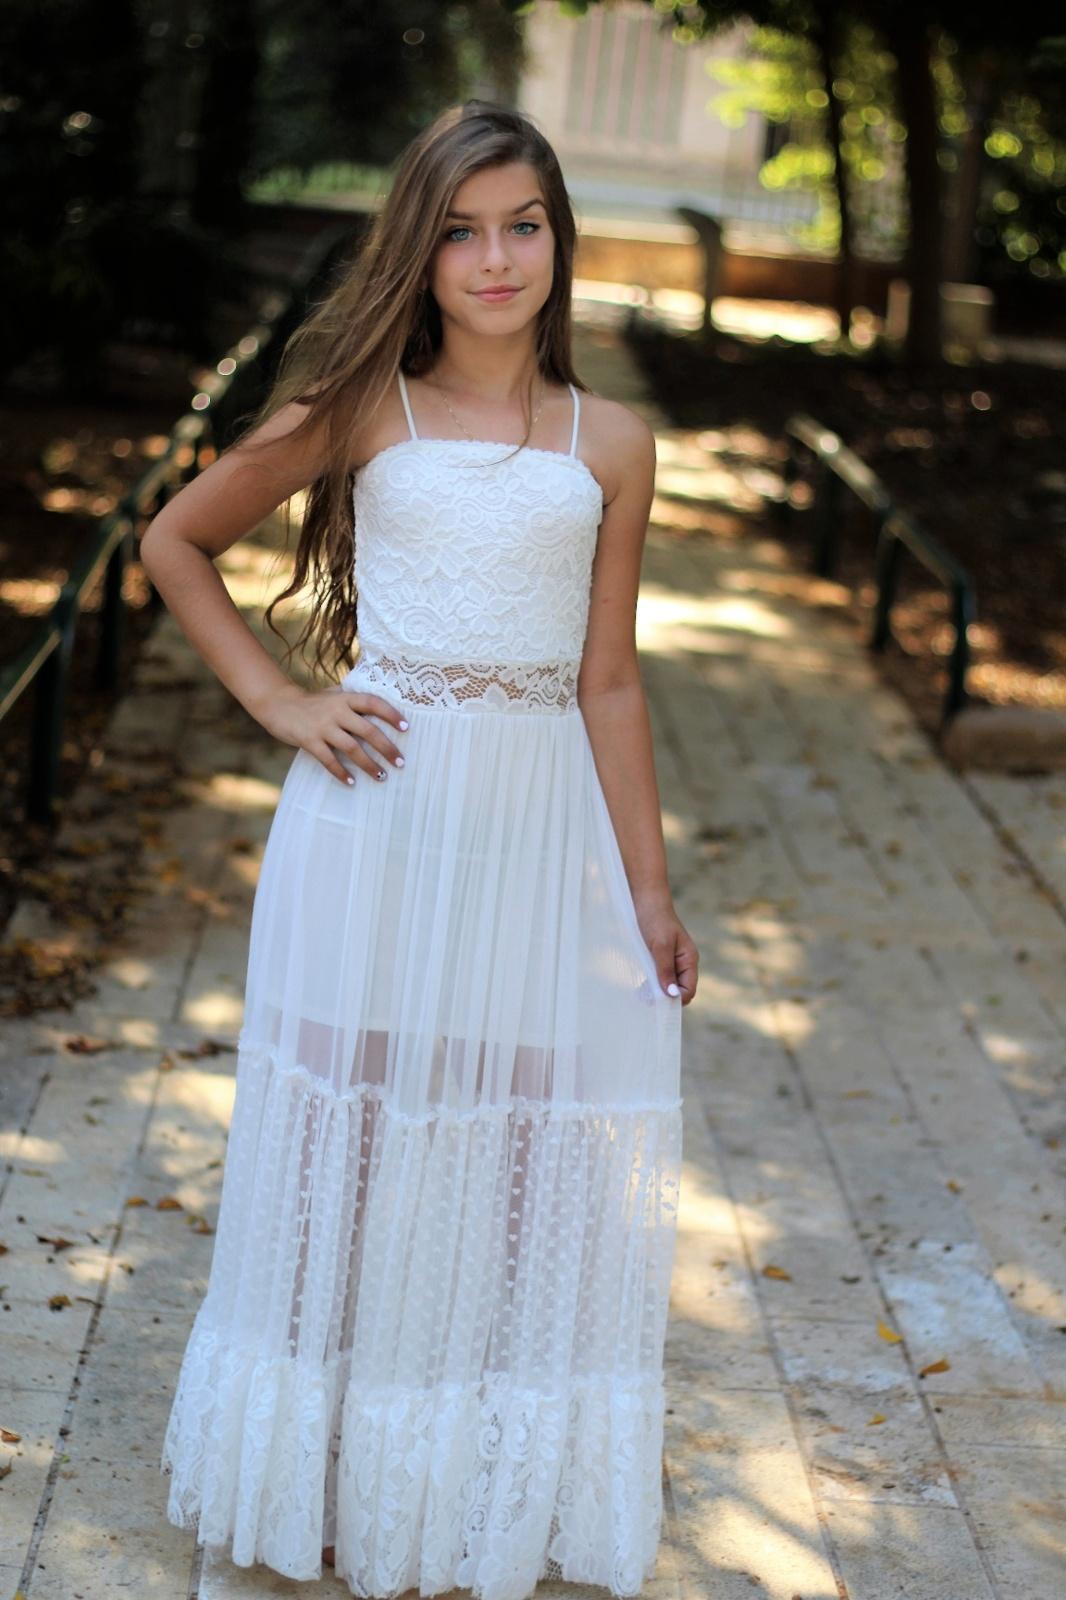 שמלת מקסי שילוב תחרה ושרוולים